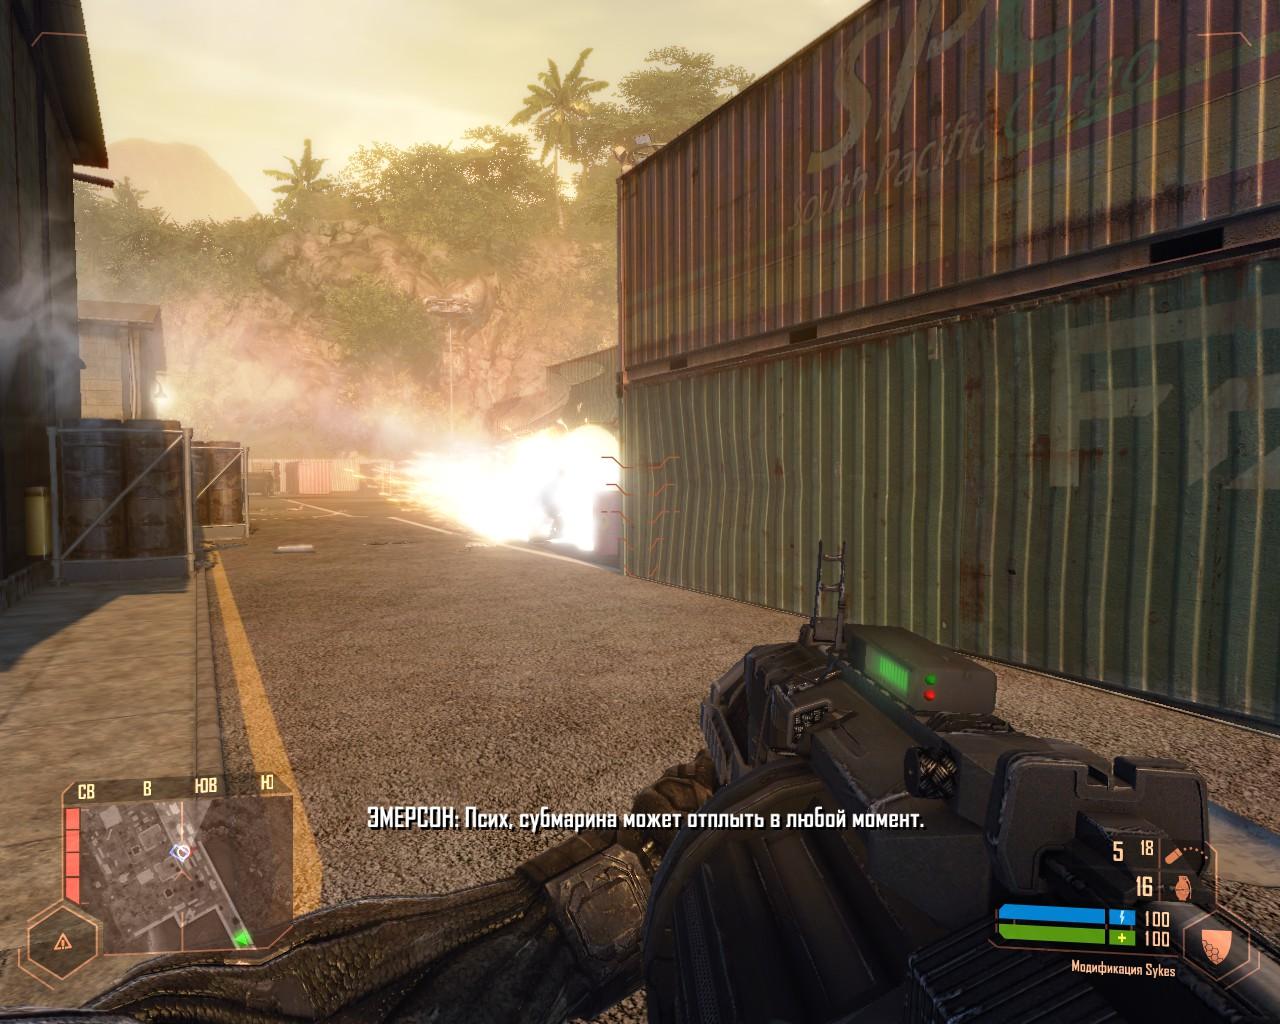 Crysis64 2014-08-12 23-51-28-25.jpg - Crysis Warhead